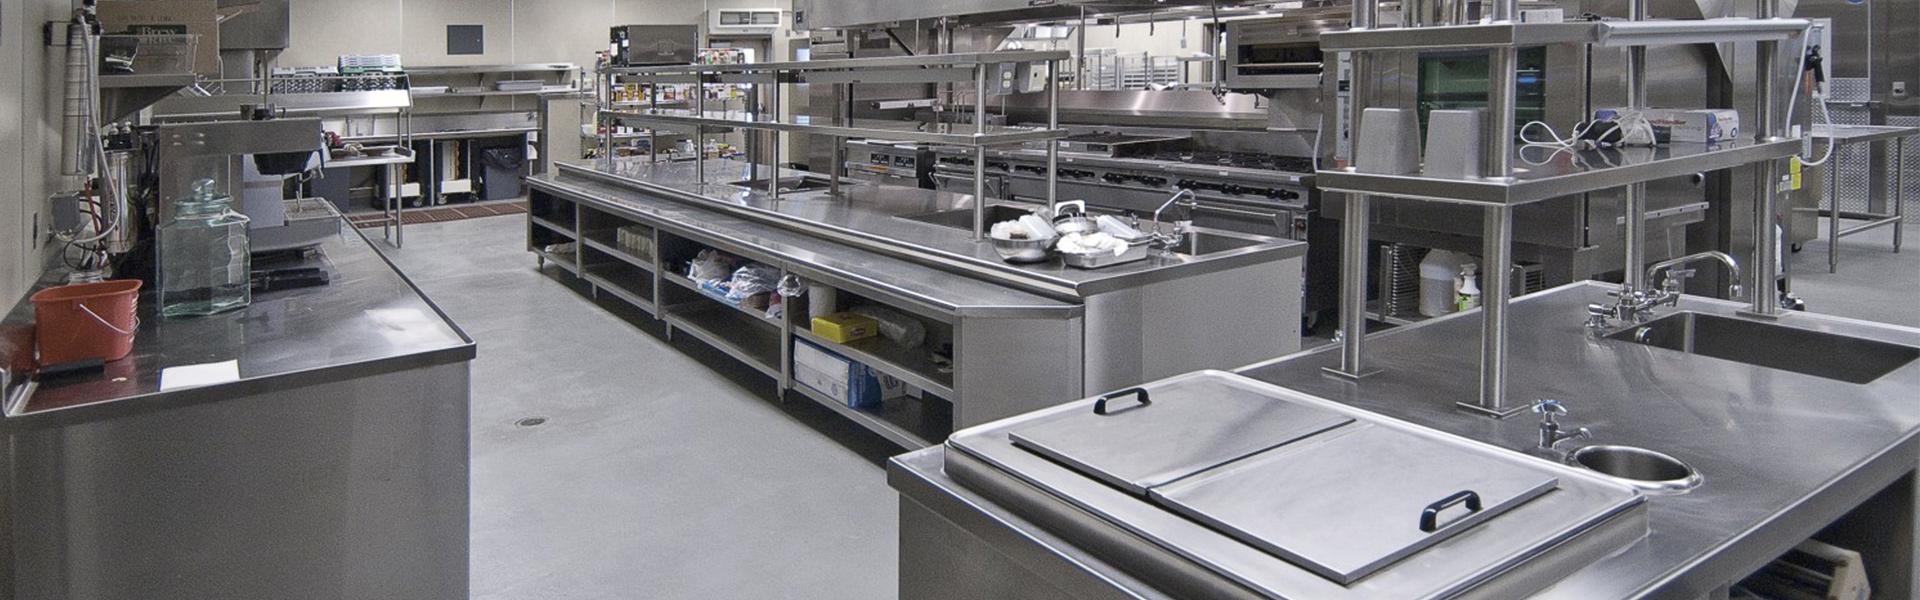 Mobiliario de Hostelería y Metalería a medida